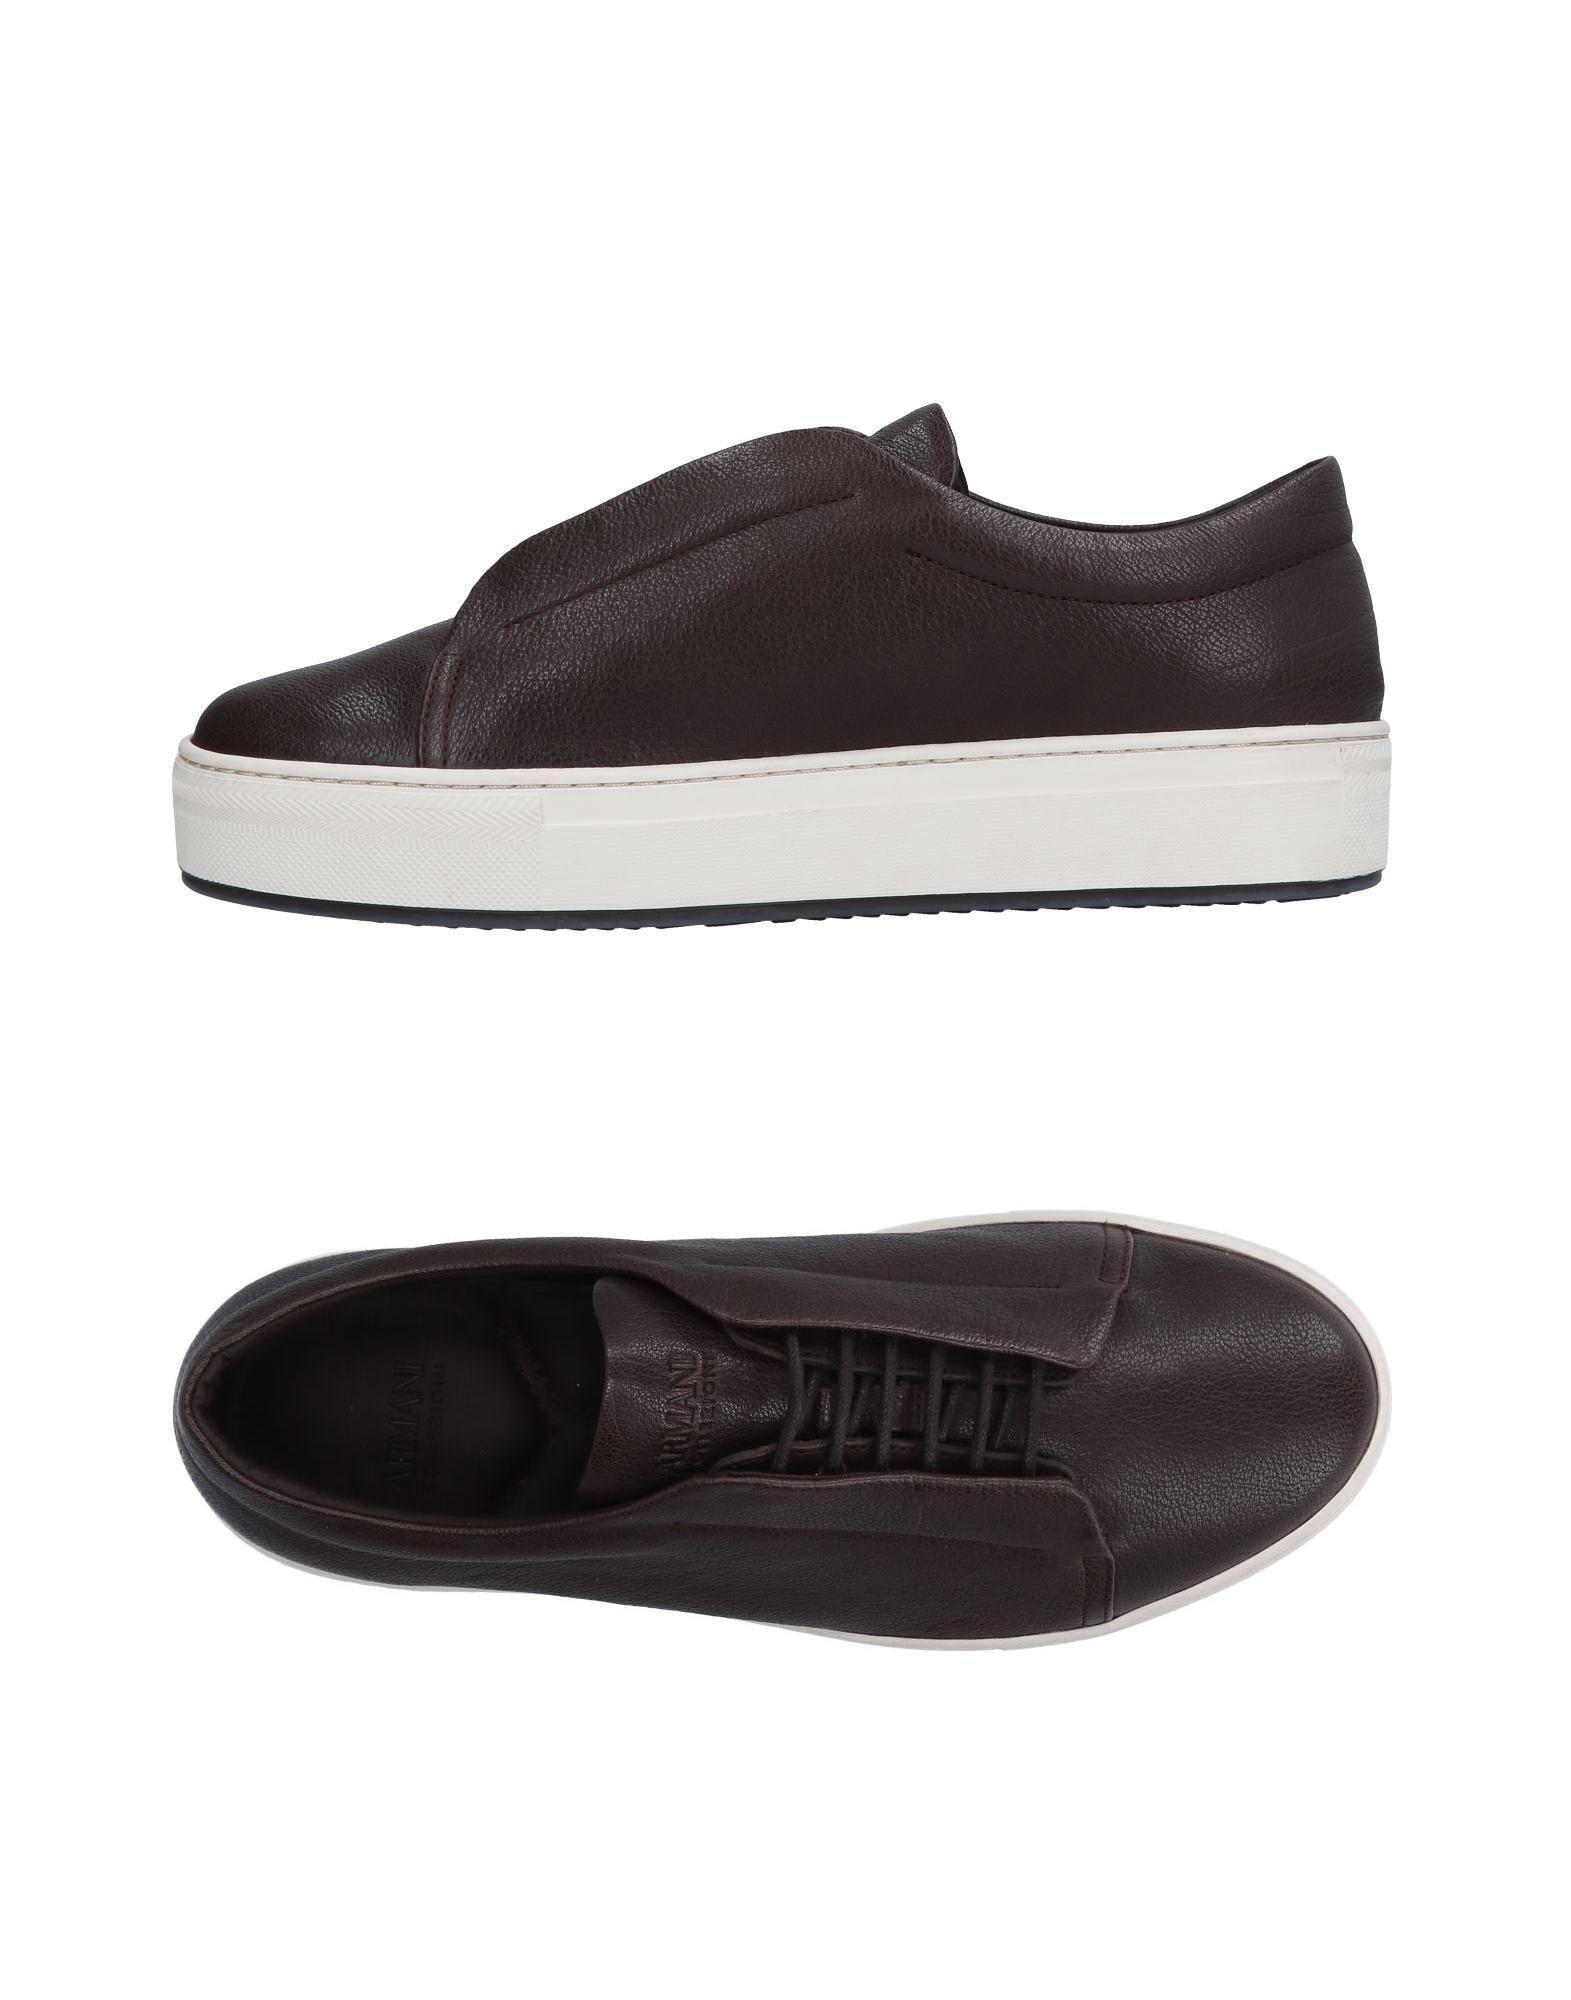 Sneakers Armani Collezioni Uomo - 11519546DH